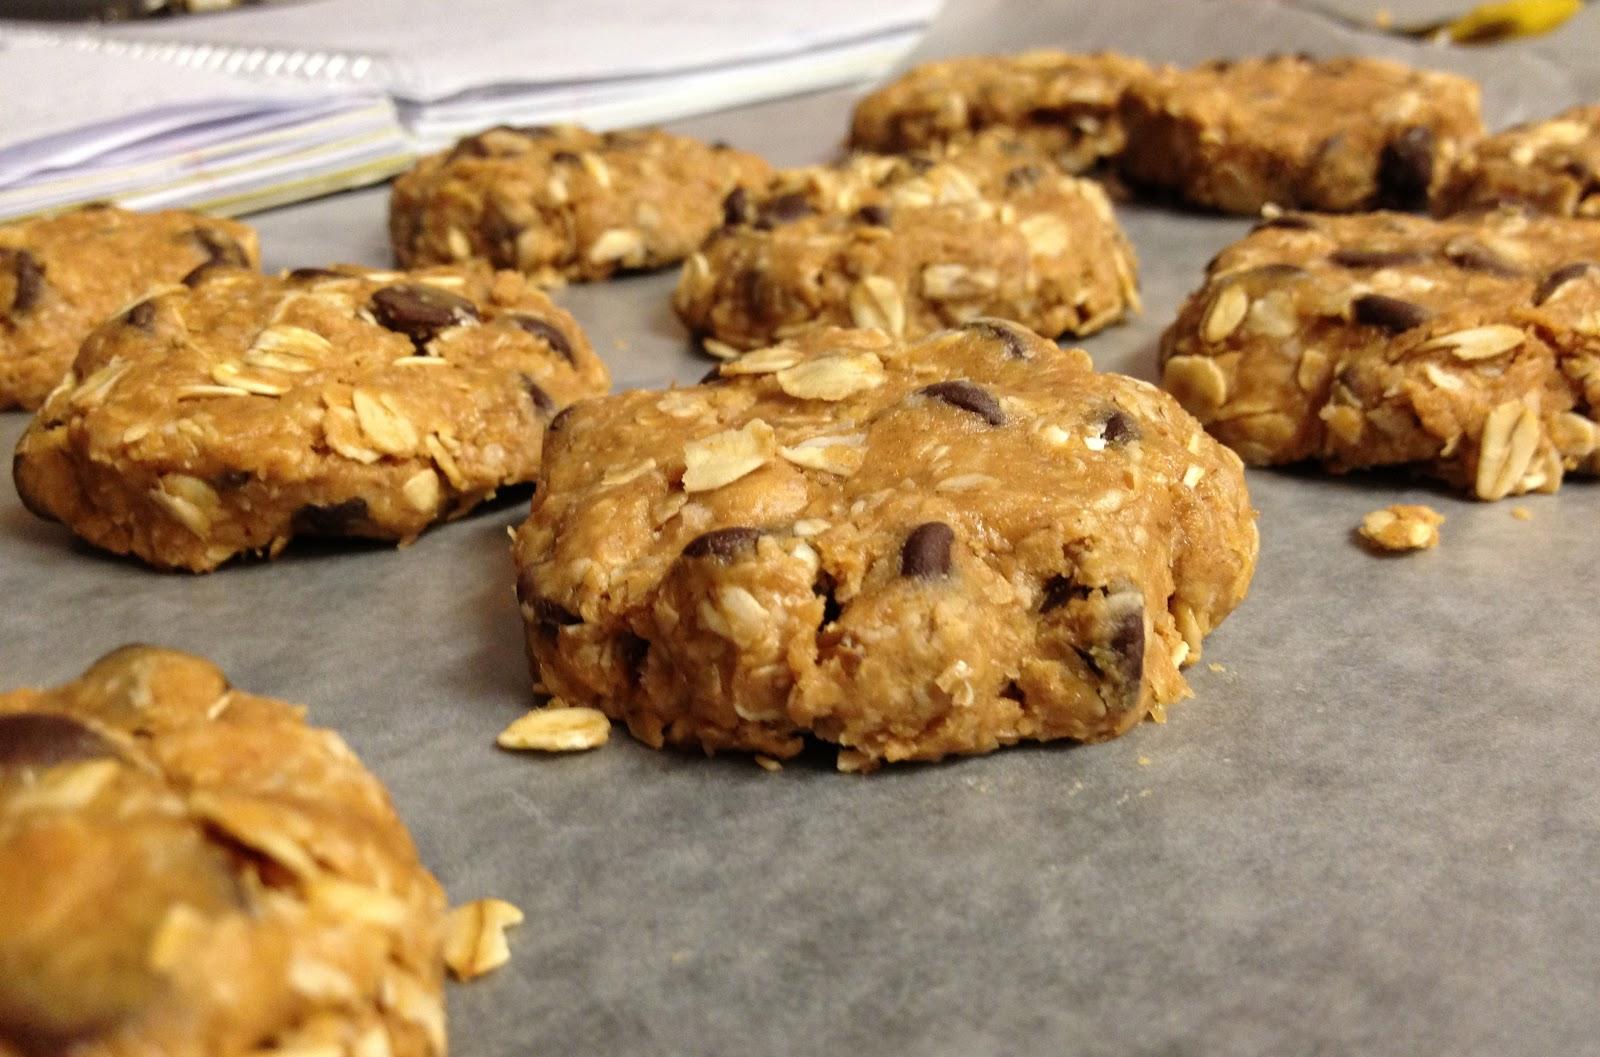 Gourmet Taste for the College Buds: No-Bake Breakfast Cookies